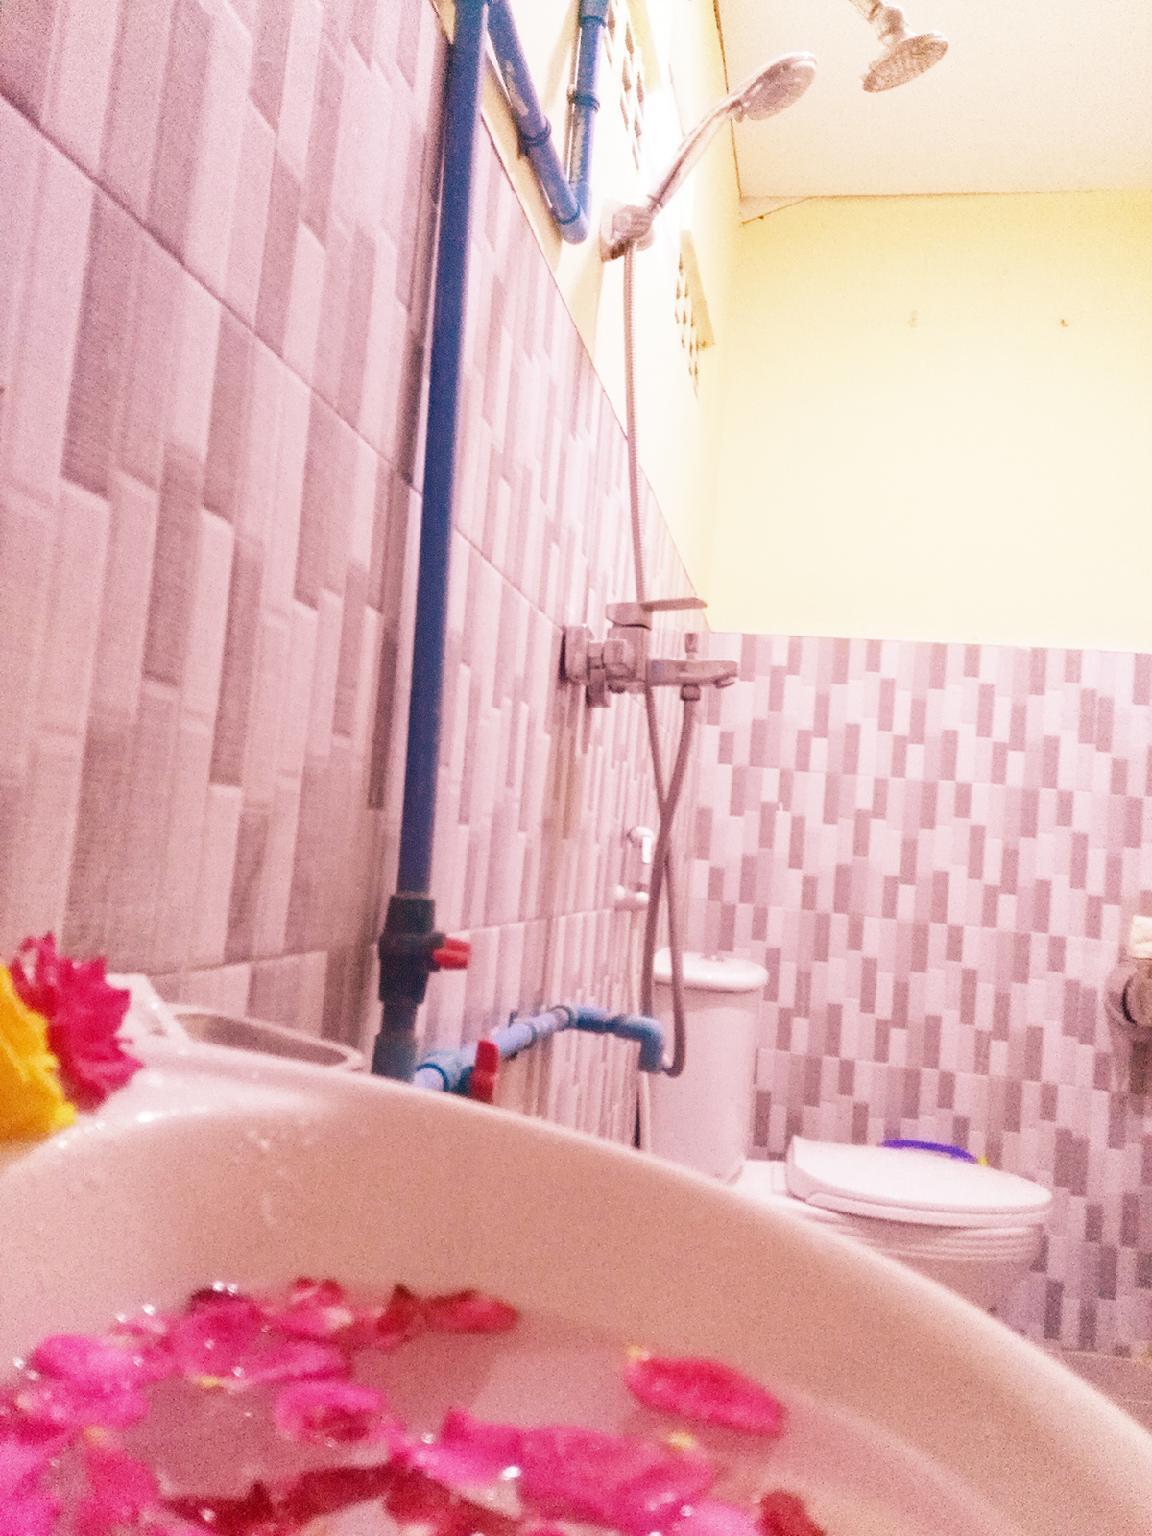 Royal Linthar Guest House, Thandwe